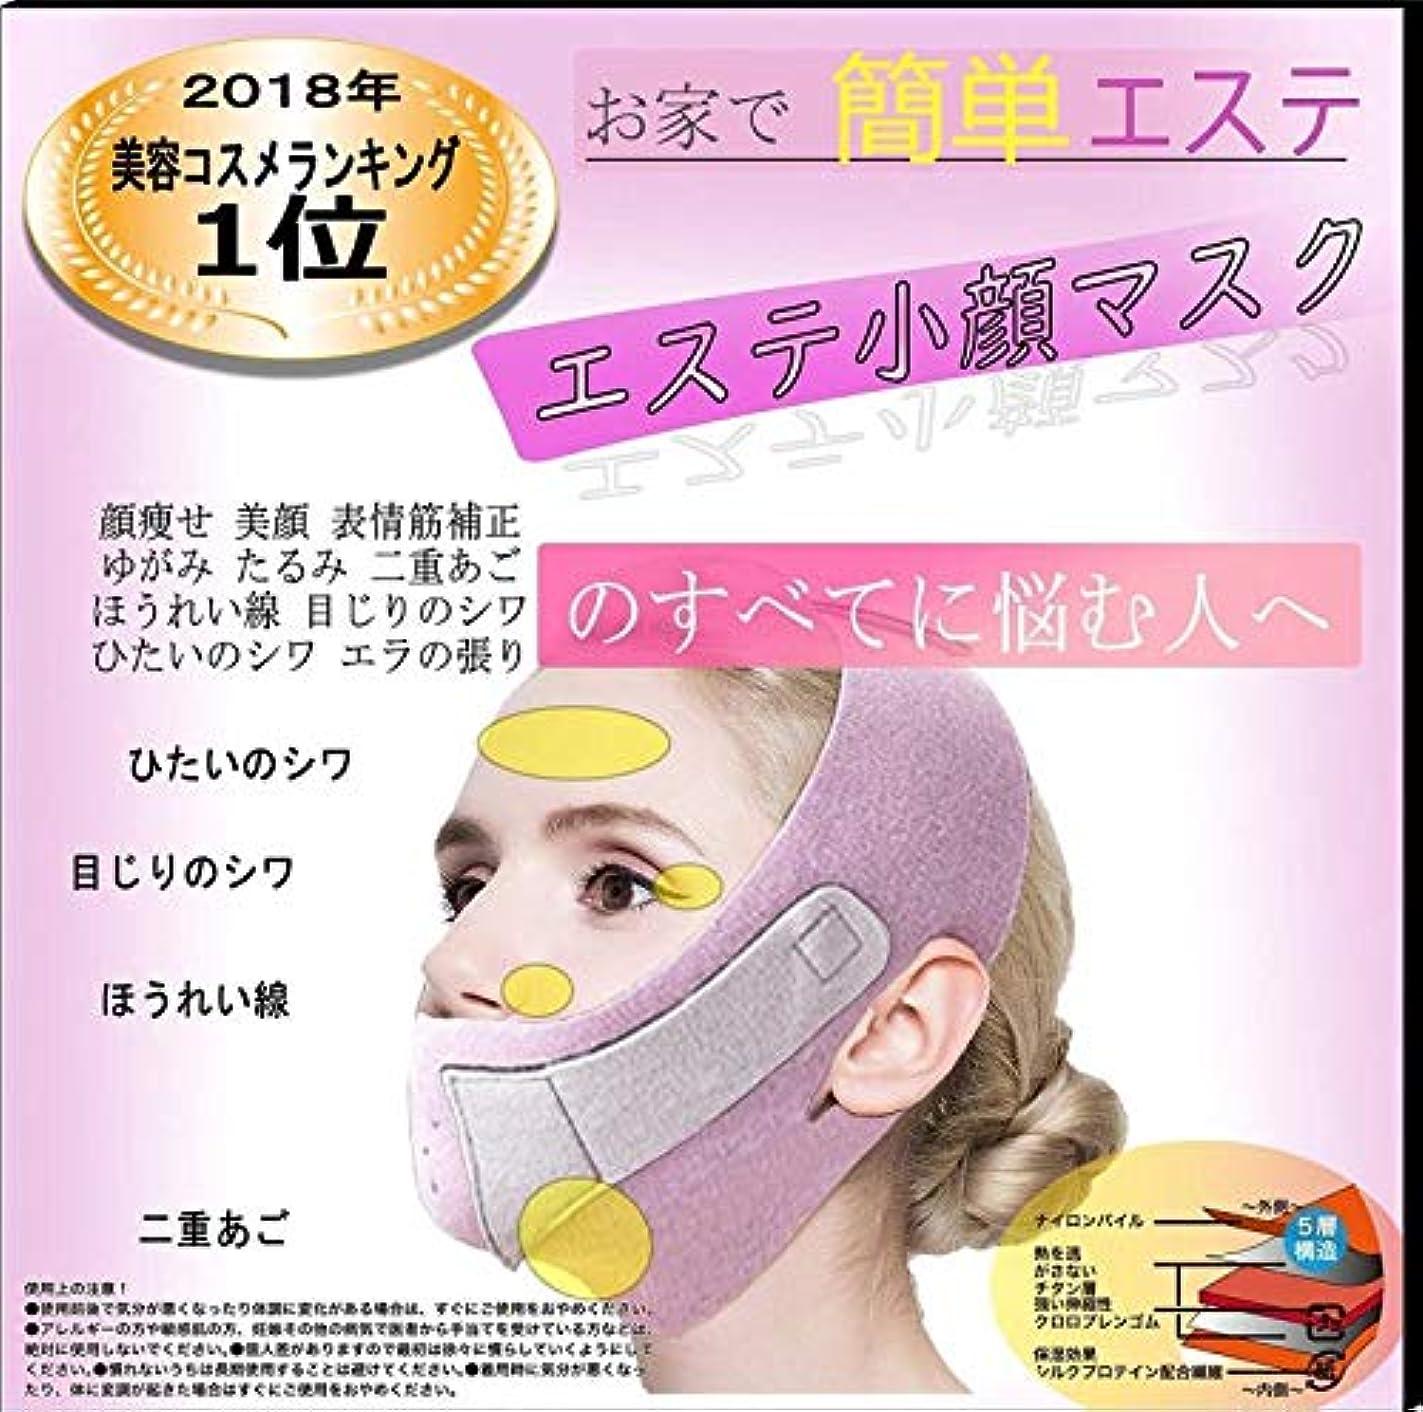 雪のラフ従順フェイスラインベルト 引き上げマスク 弾力V-ラインマスク 引っ張る 額、顎下、頬リフトアップ 小顔 美顔 矯正 顔痩せ 最新型 小顔マスク 豊齢線予防 頬のたるみ 抗シワ 美顔 Lサイズ ピンク